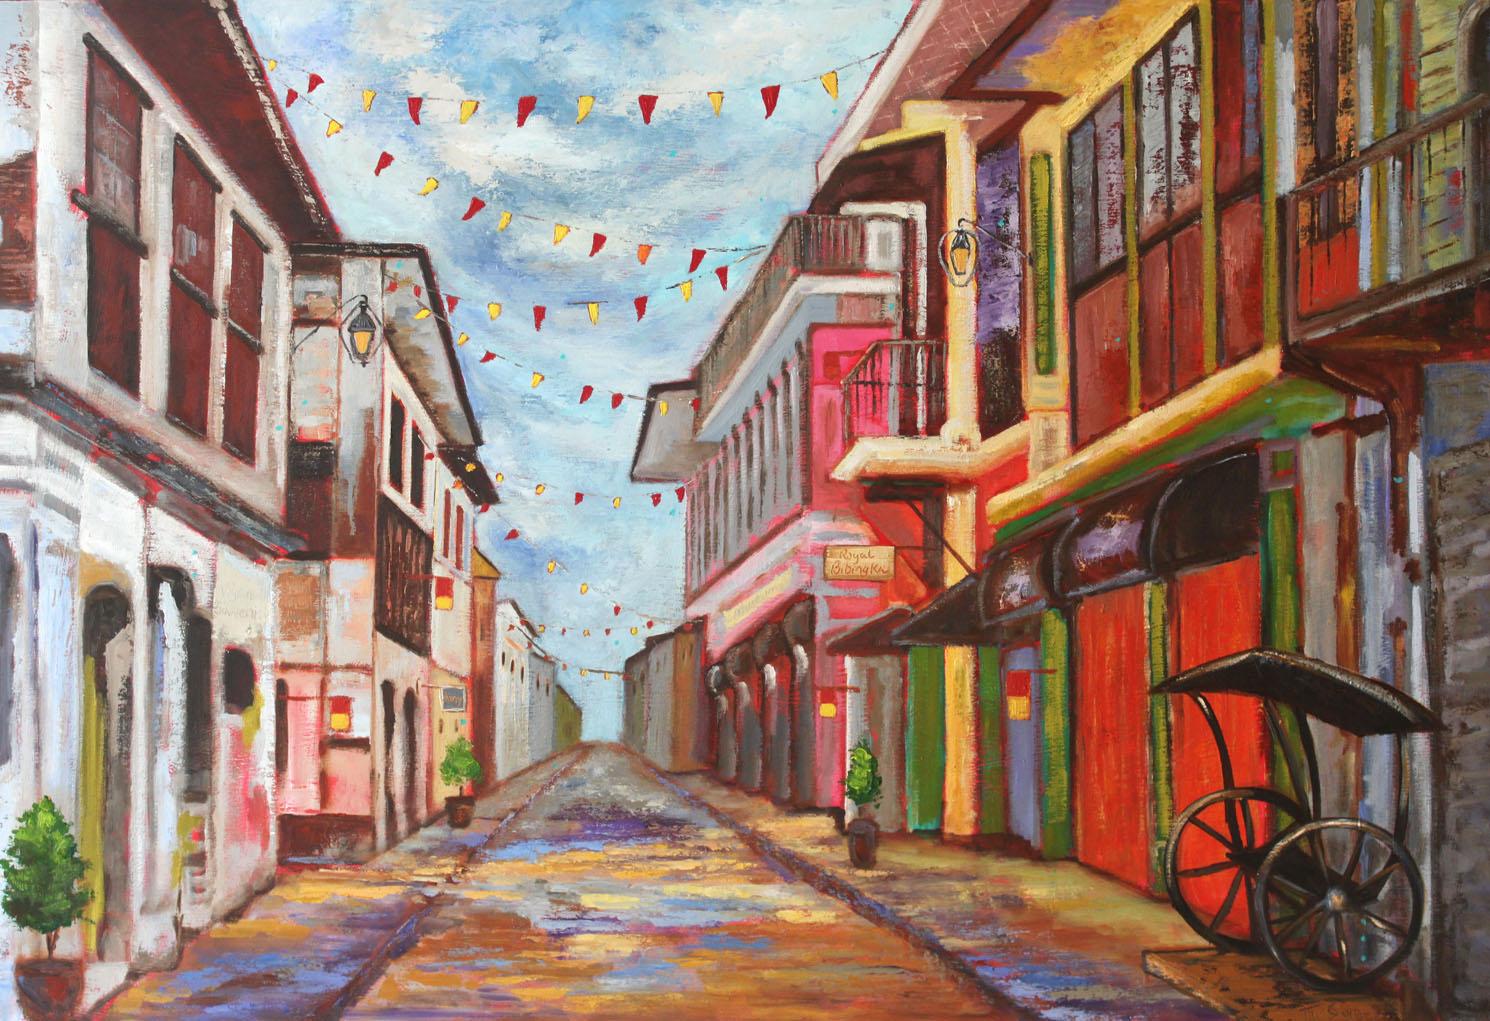 Fiesta sa Barrio by Marissa Sweet